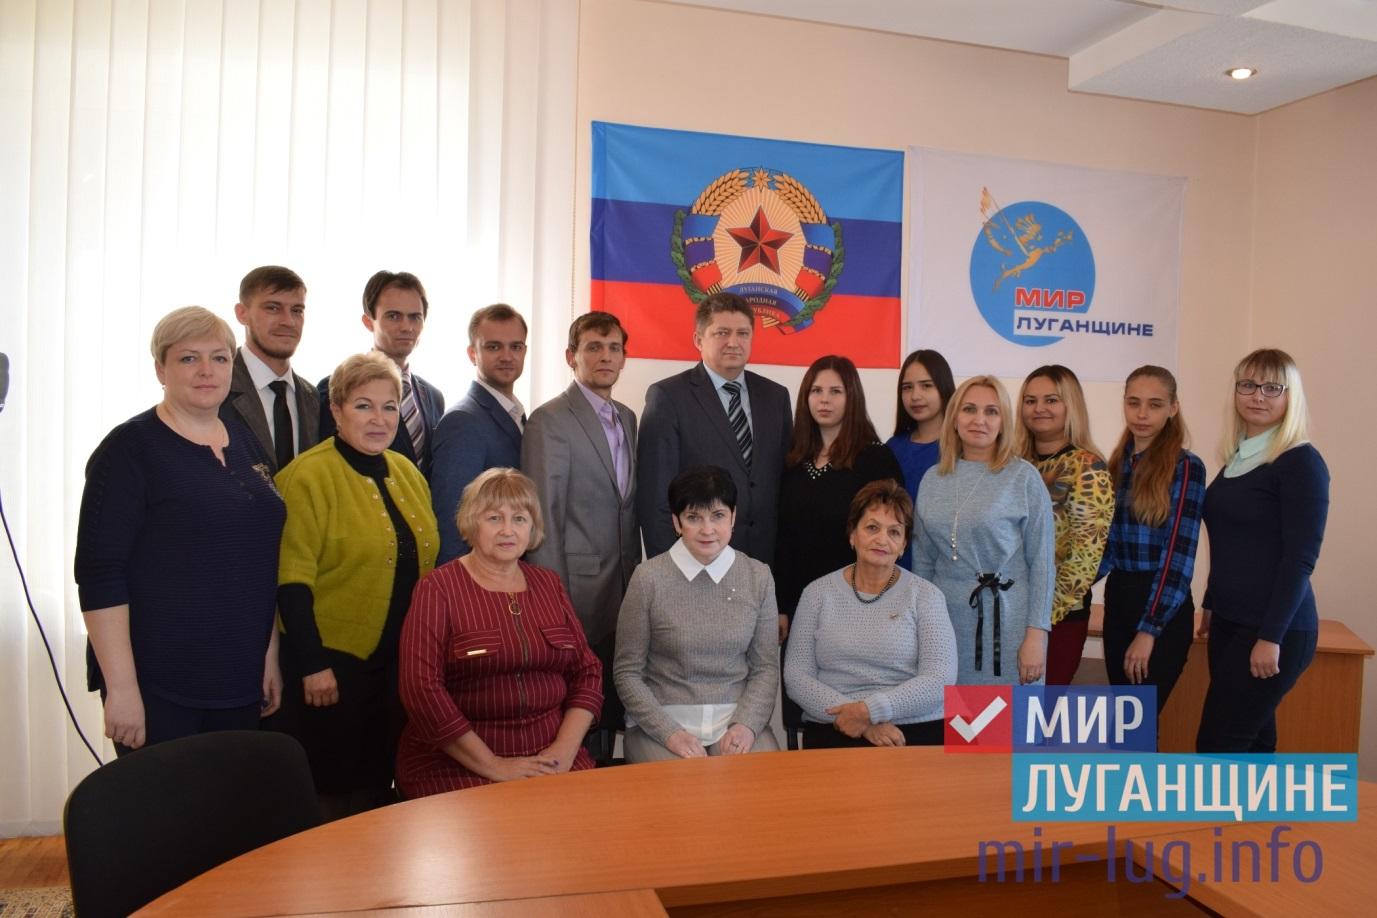 Прием Министра образования и науки ЛНР состоялся в Кировске 1